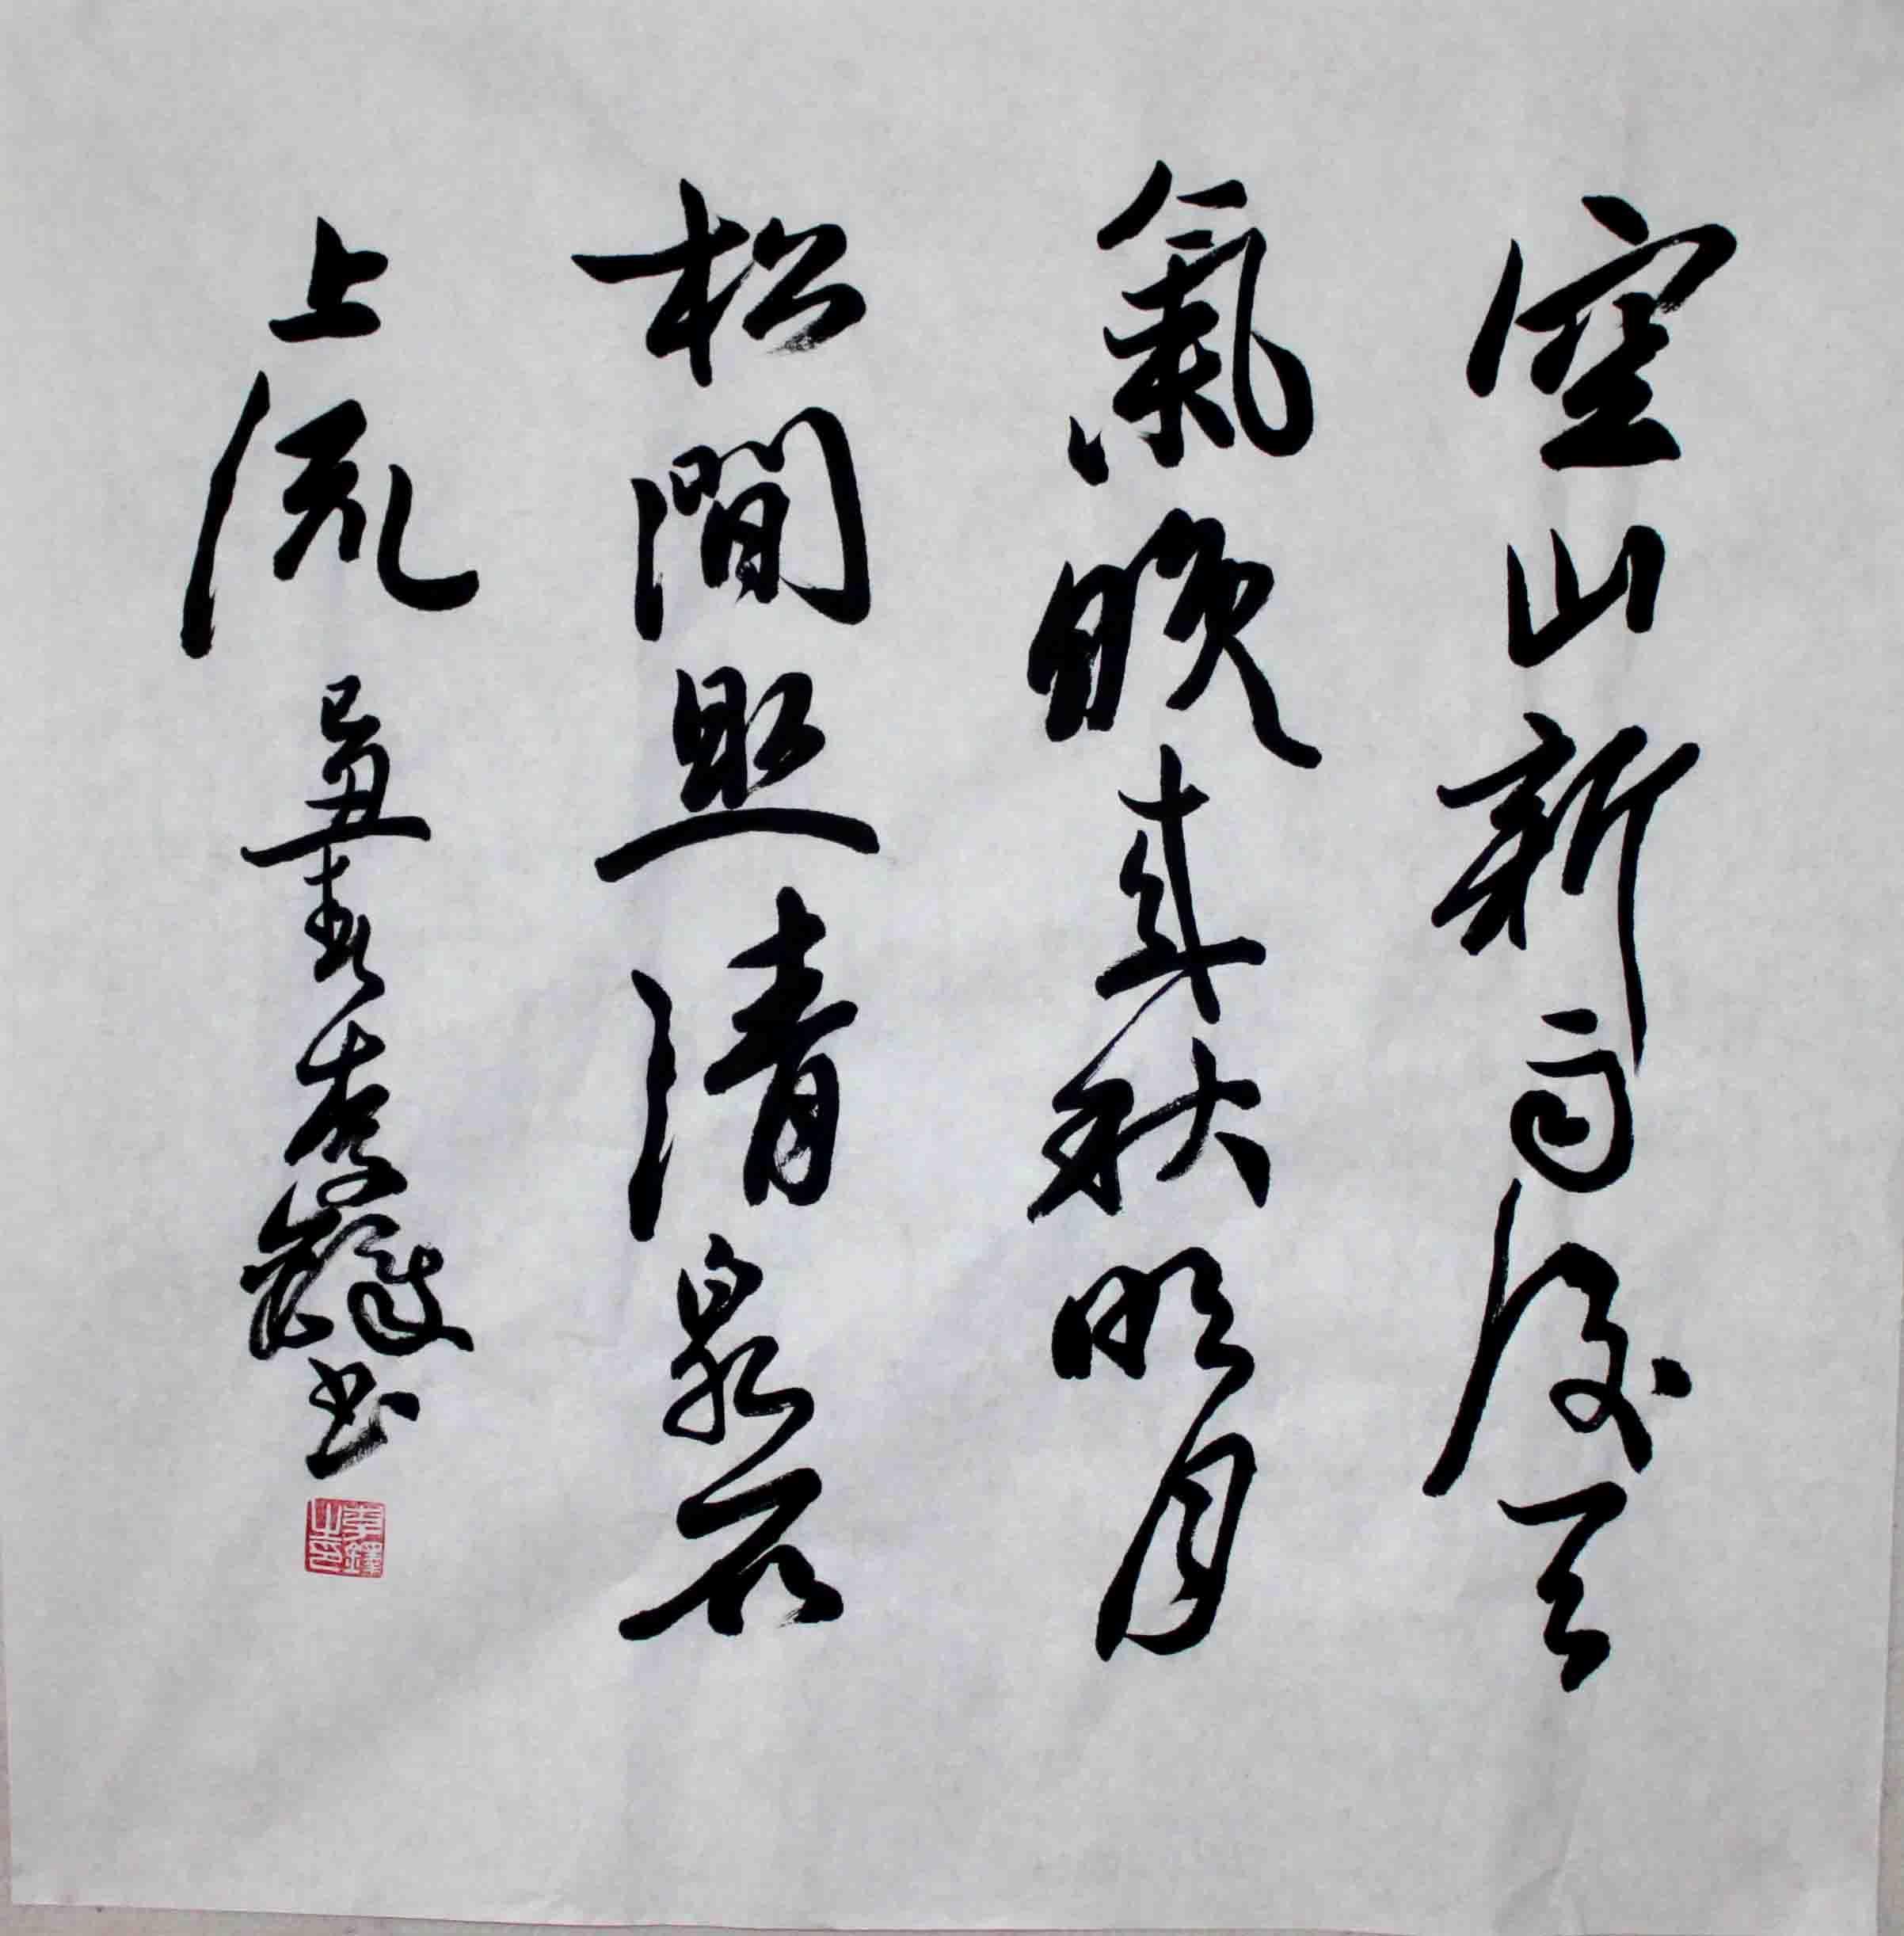 名家书法 李铎行书 手绘精品四尺斗方王维诗句ld001图片